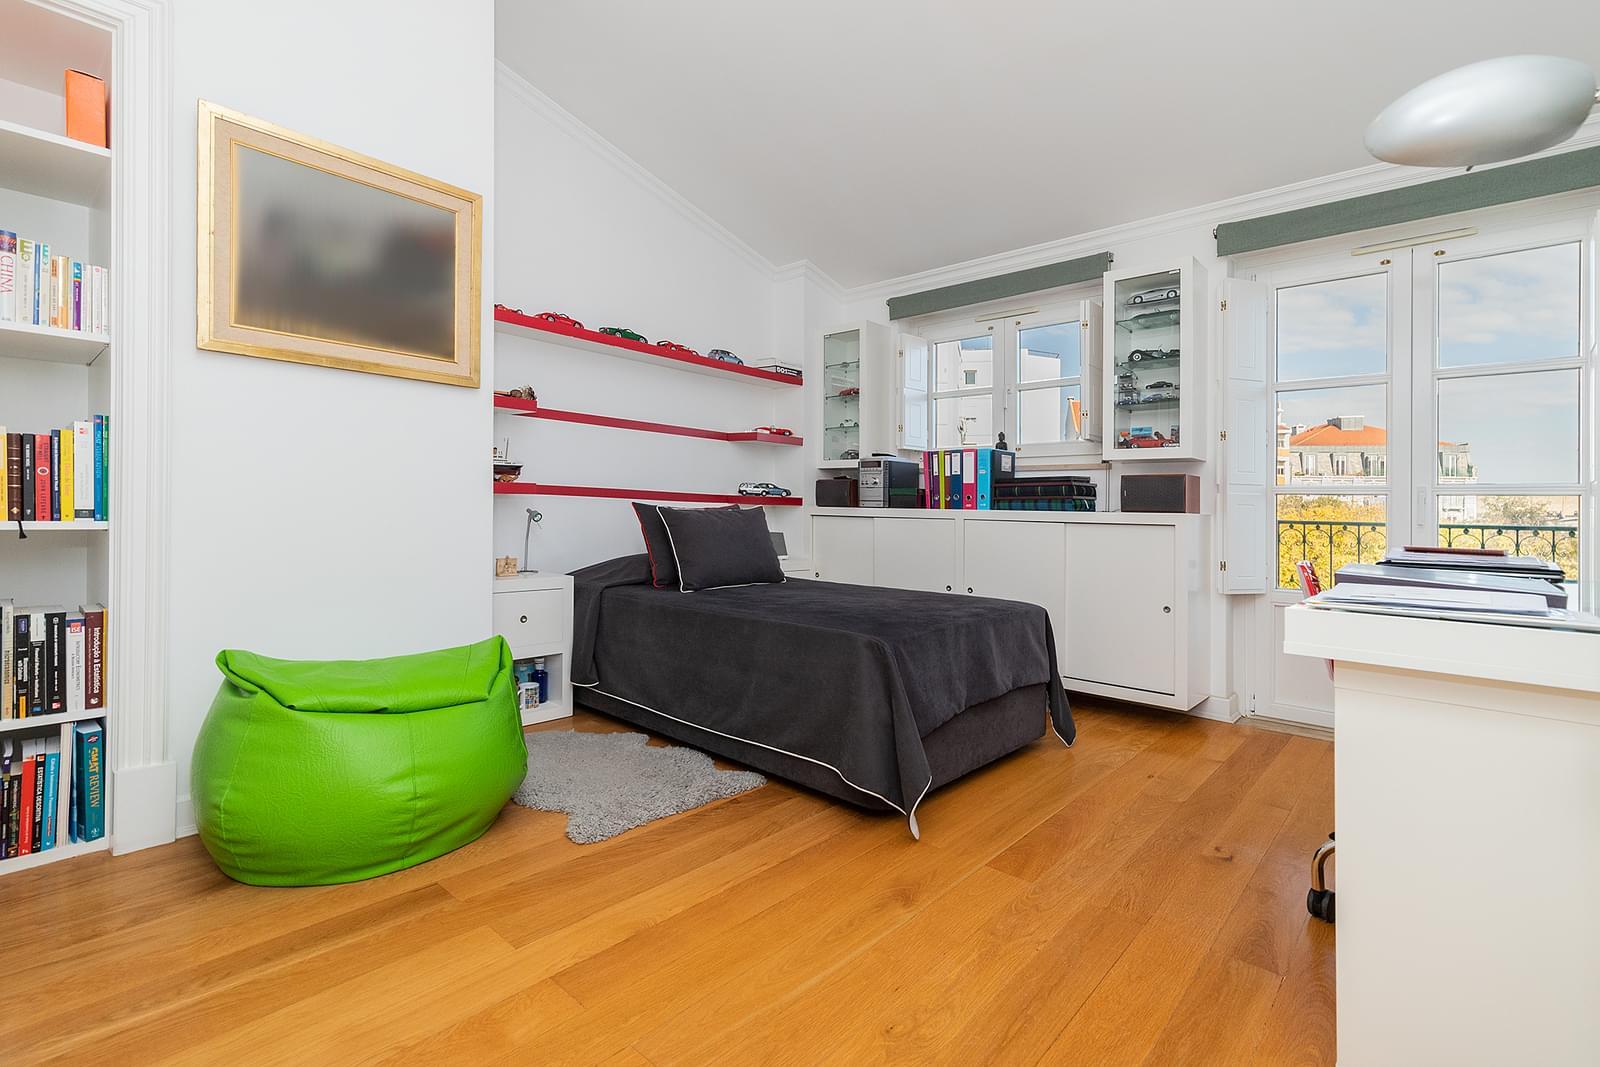 pf18618-apartamento-t4-1-lisboa-03c4036e-0cb5-4fc9-a8e5-d1f798ad3756